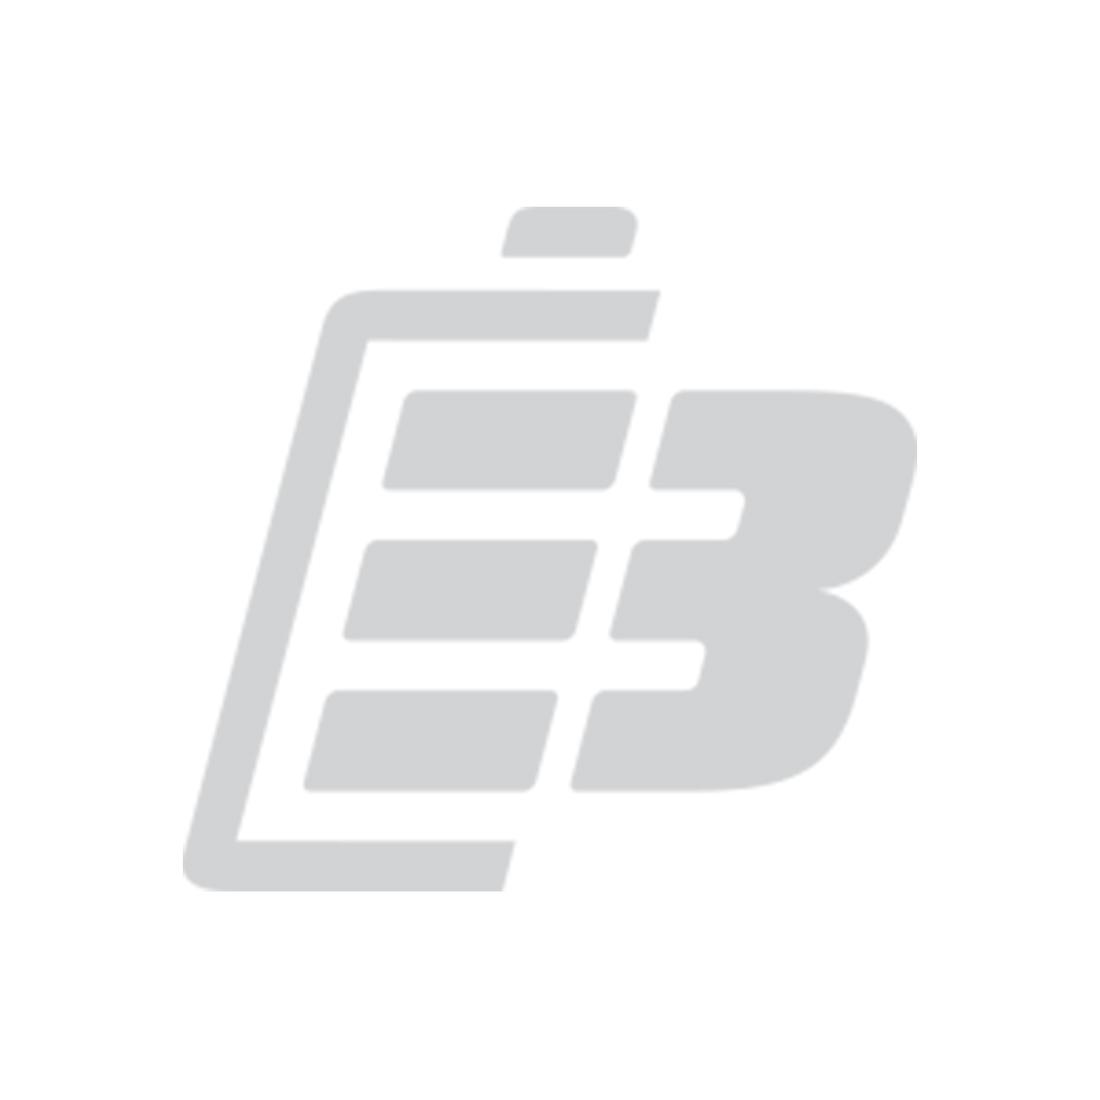 Μπαταρία barcode scanner Handheld Dolphin 6000_1